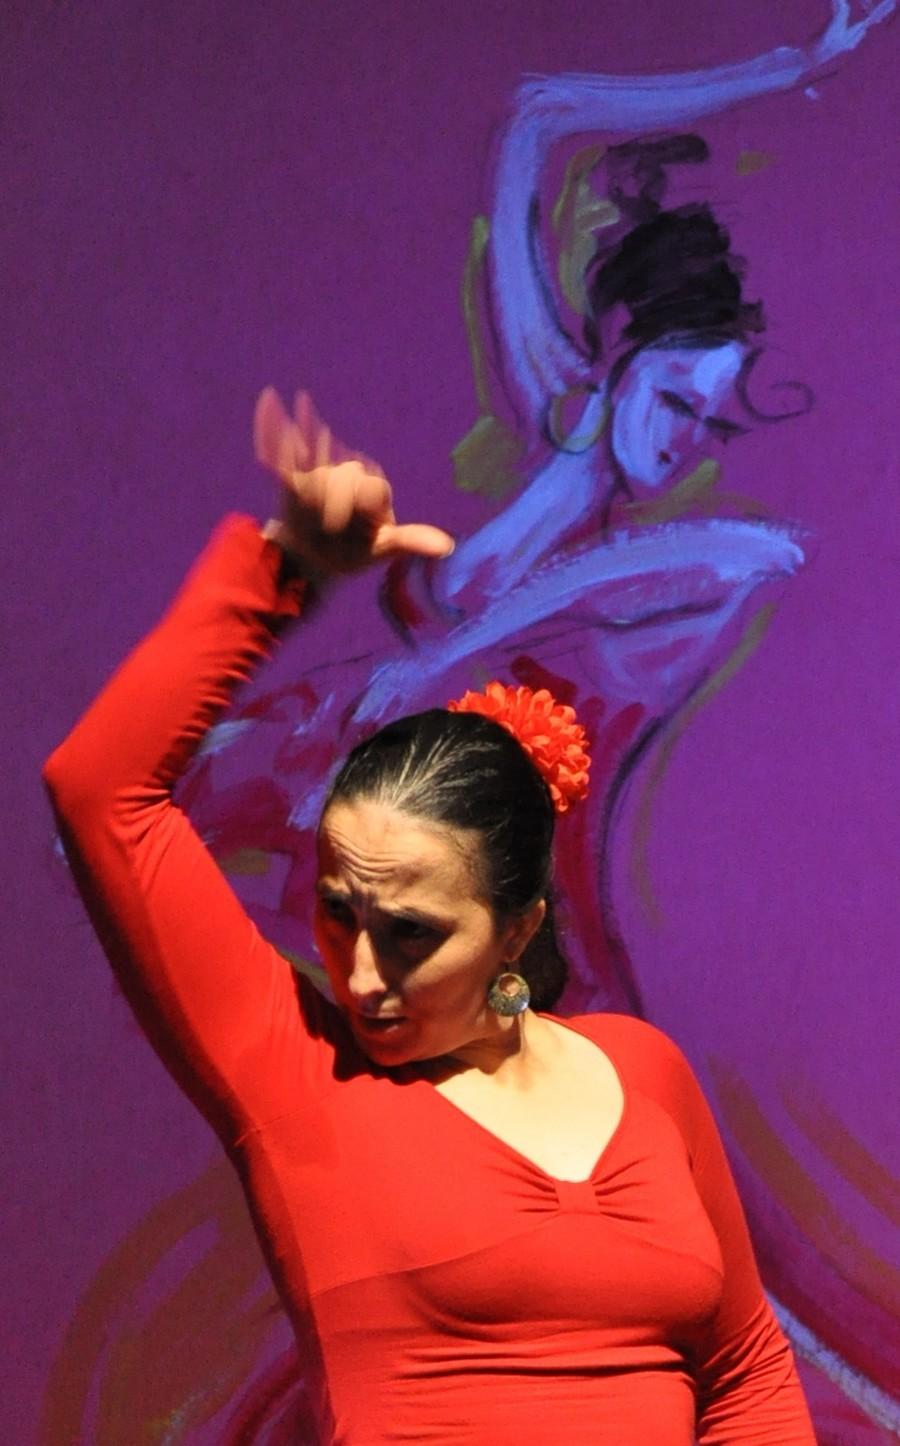 A la decouverte du f duende flamenco l marion diaz 2